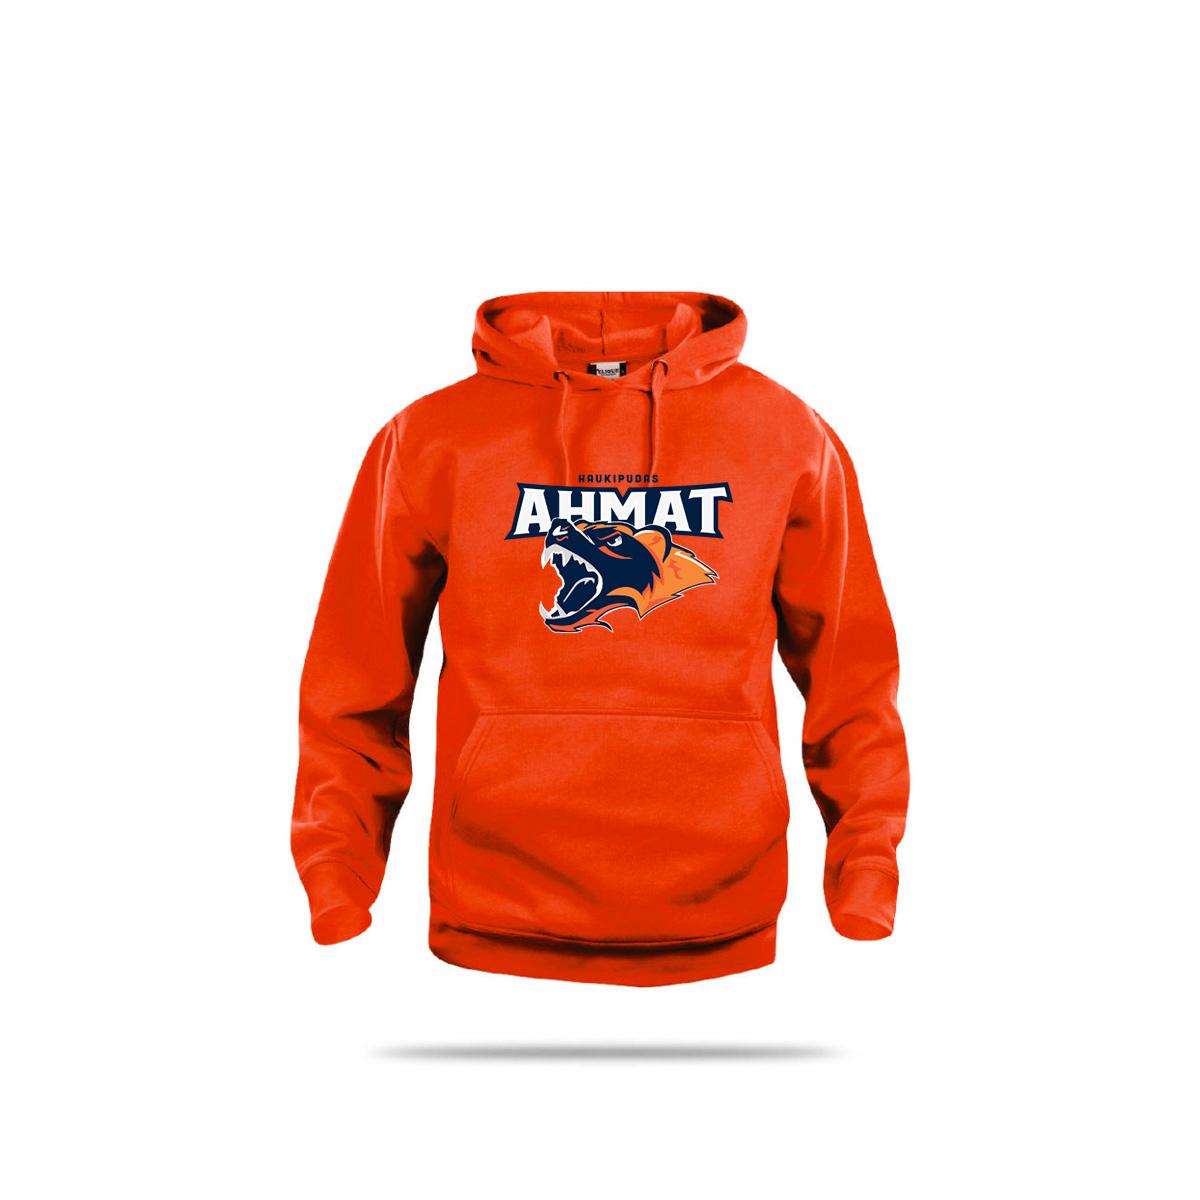 Ahmat-fani-3026-oranssi-original